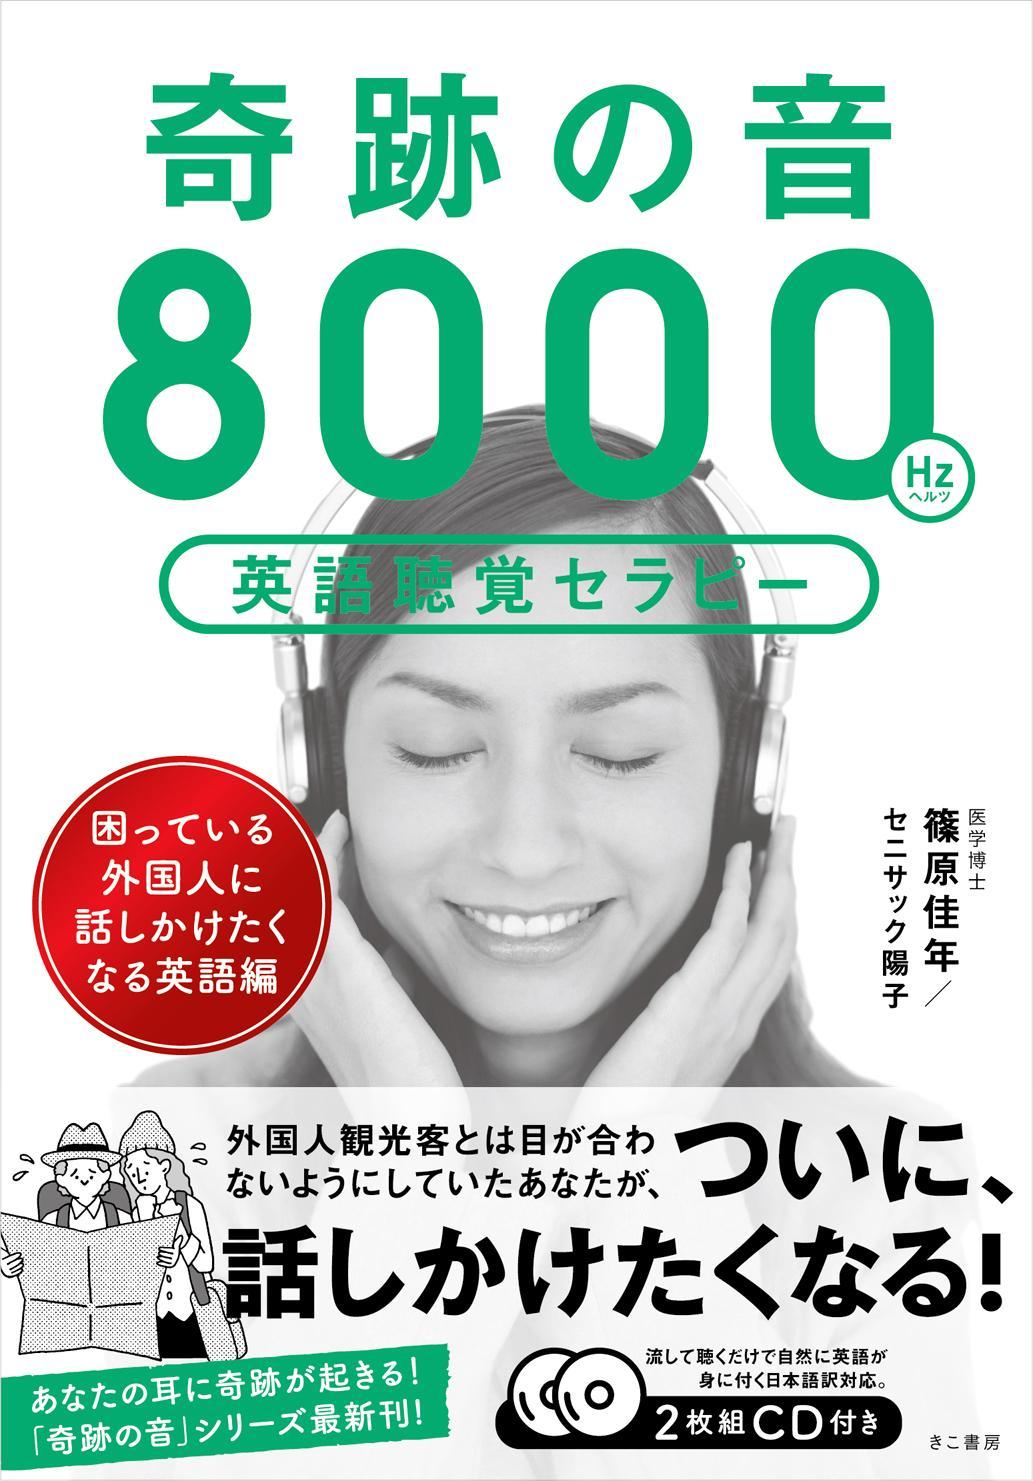 表紙:奇跡の音8000ヘルツ英語聴覚セラピー 《困っている外国人に話しかけたくなる英語編》